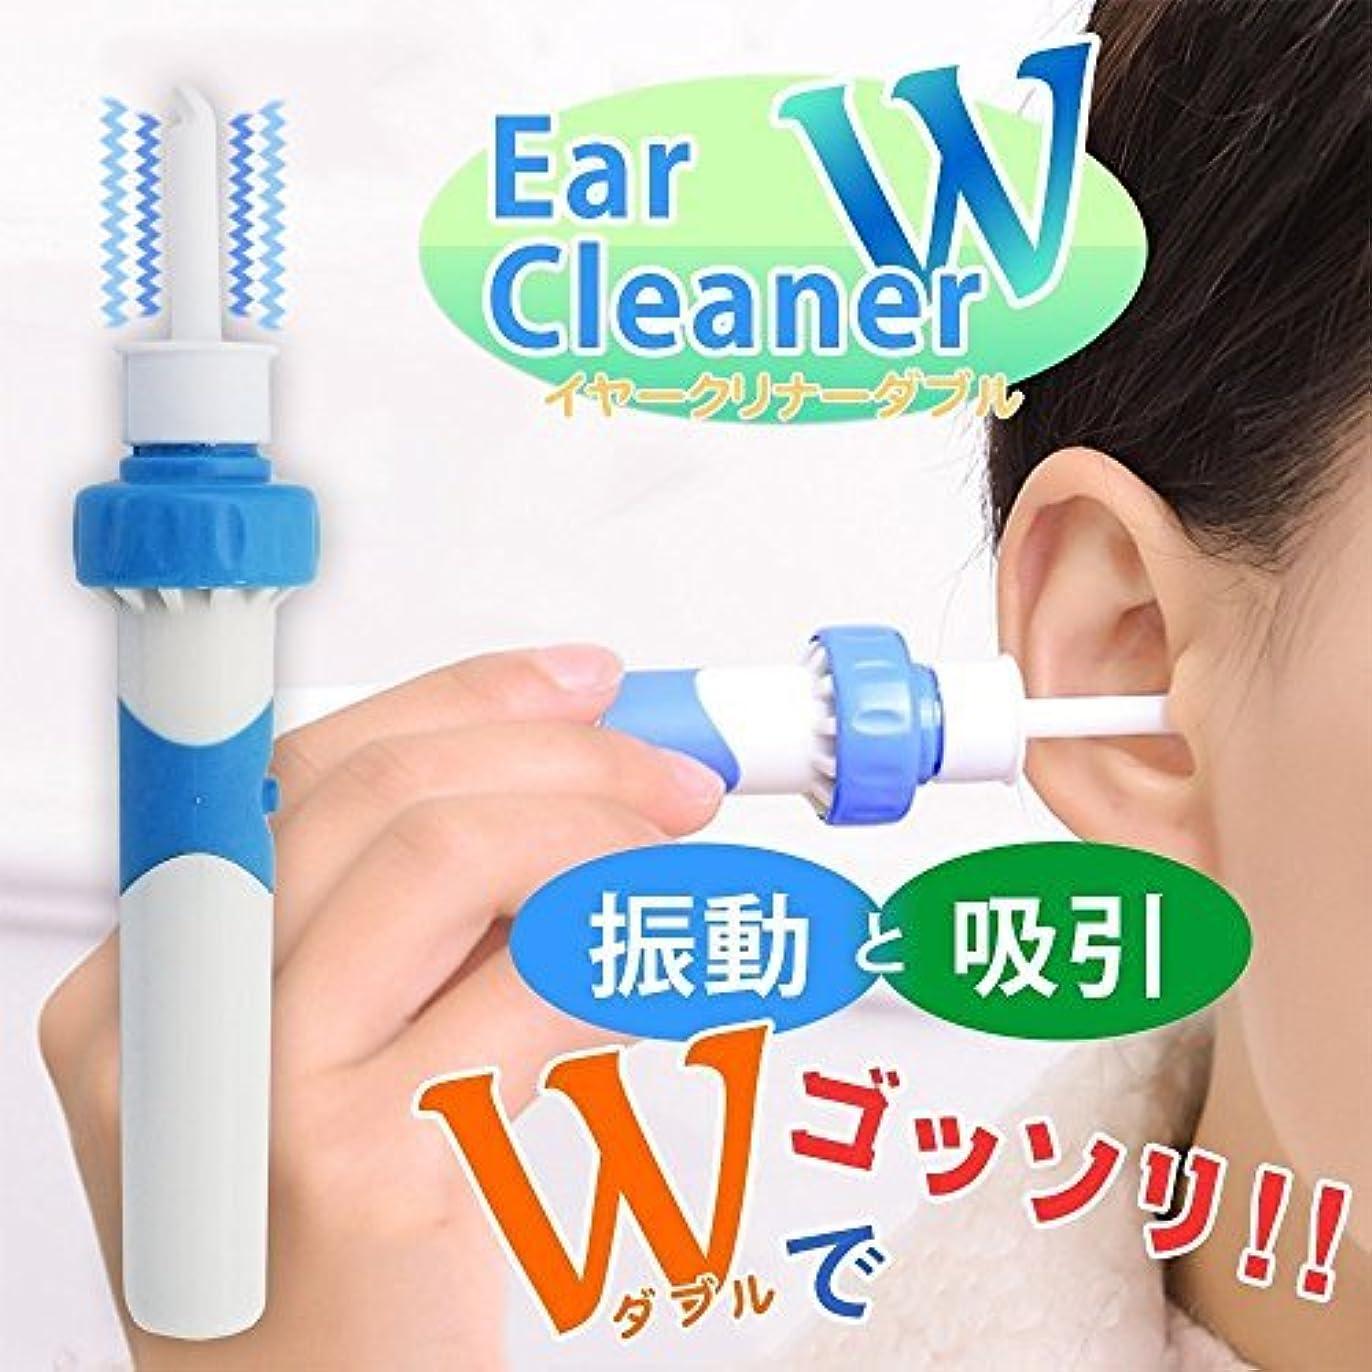 ポルティコドナウ川知っているに立ち寄るCHUI FEN 耳掃除機 電動耳掃除 耳クリーナー 耳掃除 みみそうじ 耳垢 吸引 耳あか吸引